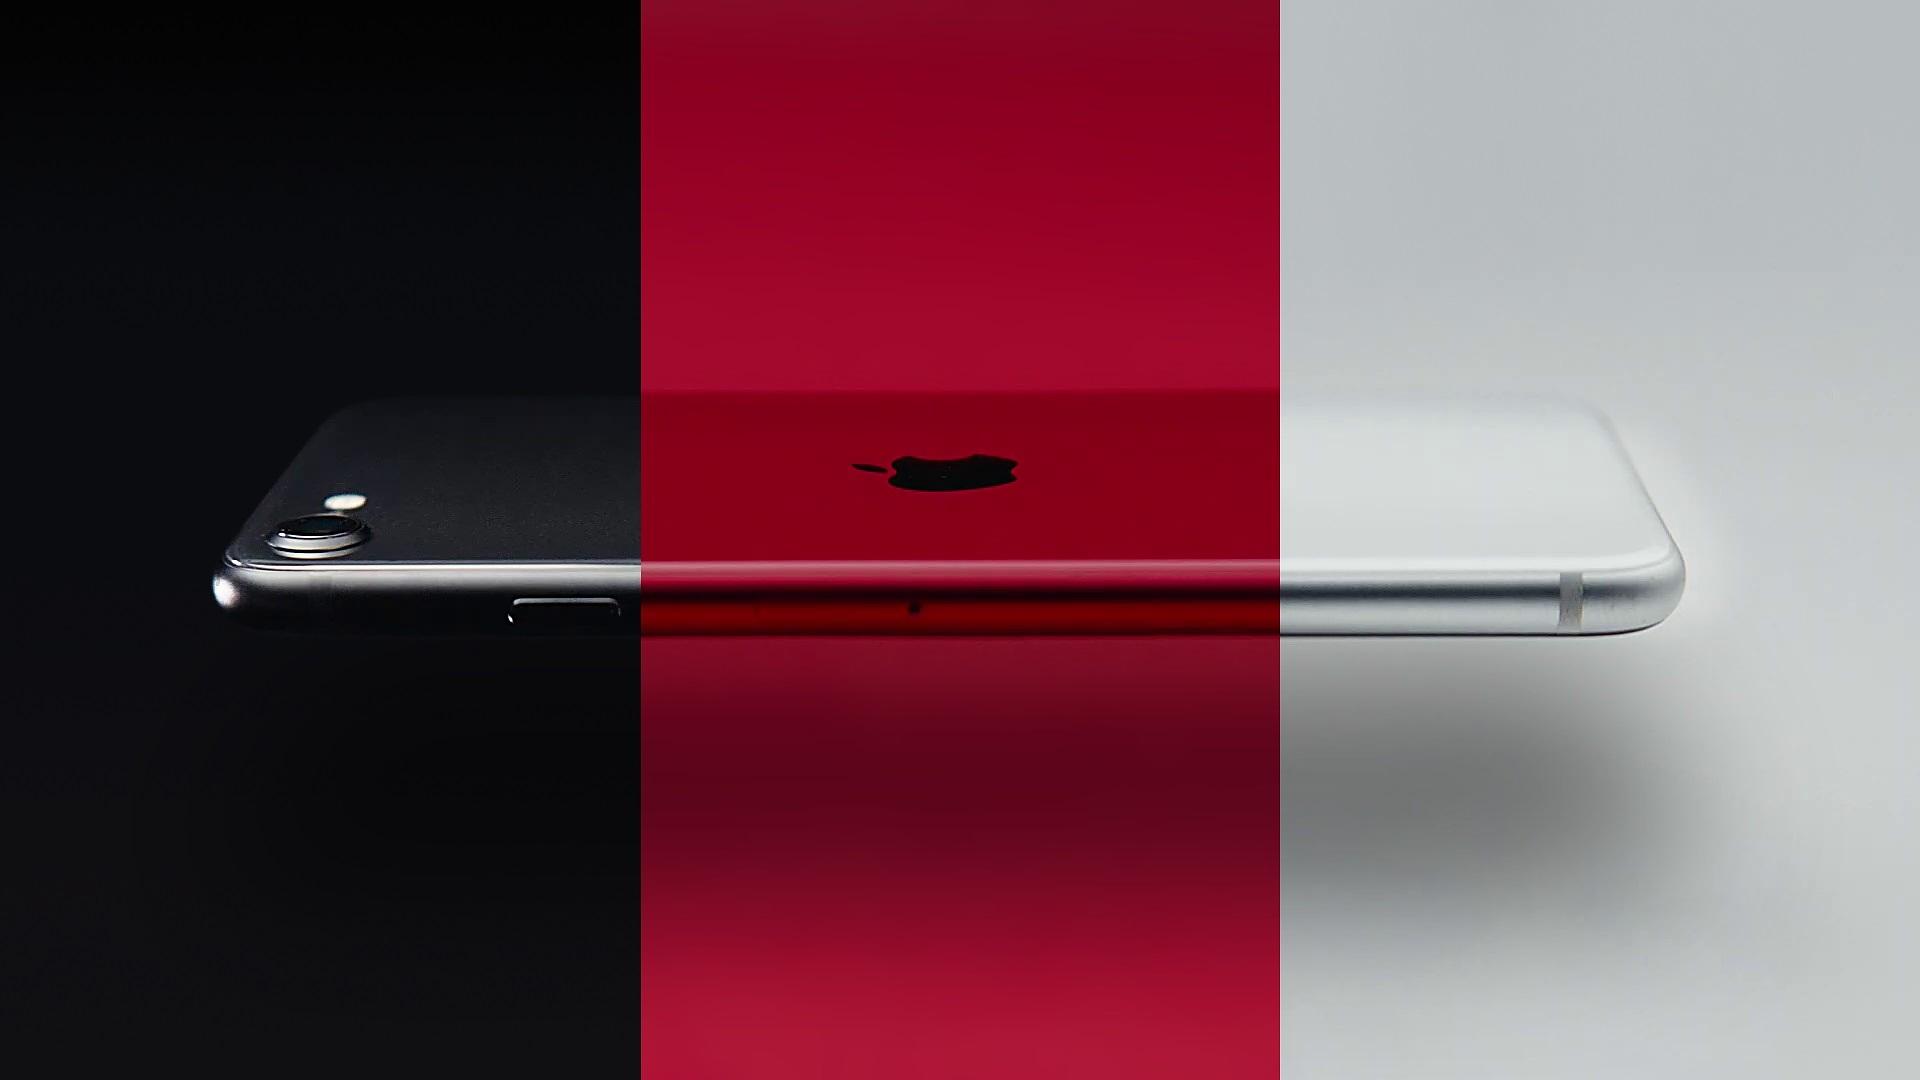 اپل آیفون SE 3 5G با تراشه A14 bionic نیمه اول ۲۰۲۲ معرفی خواهد شد